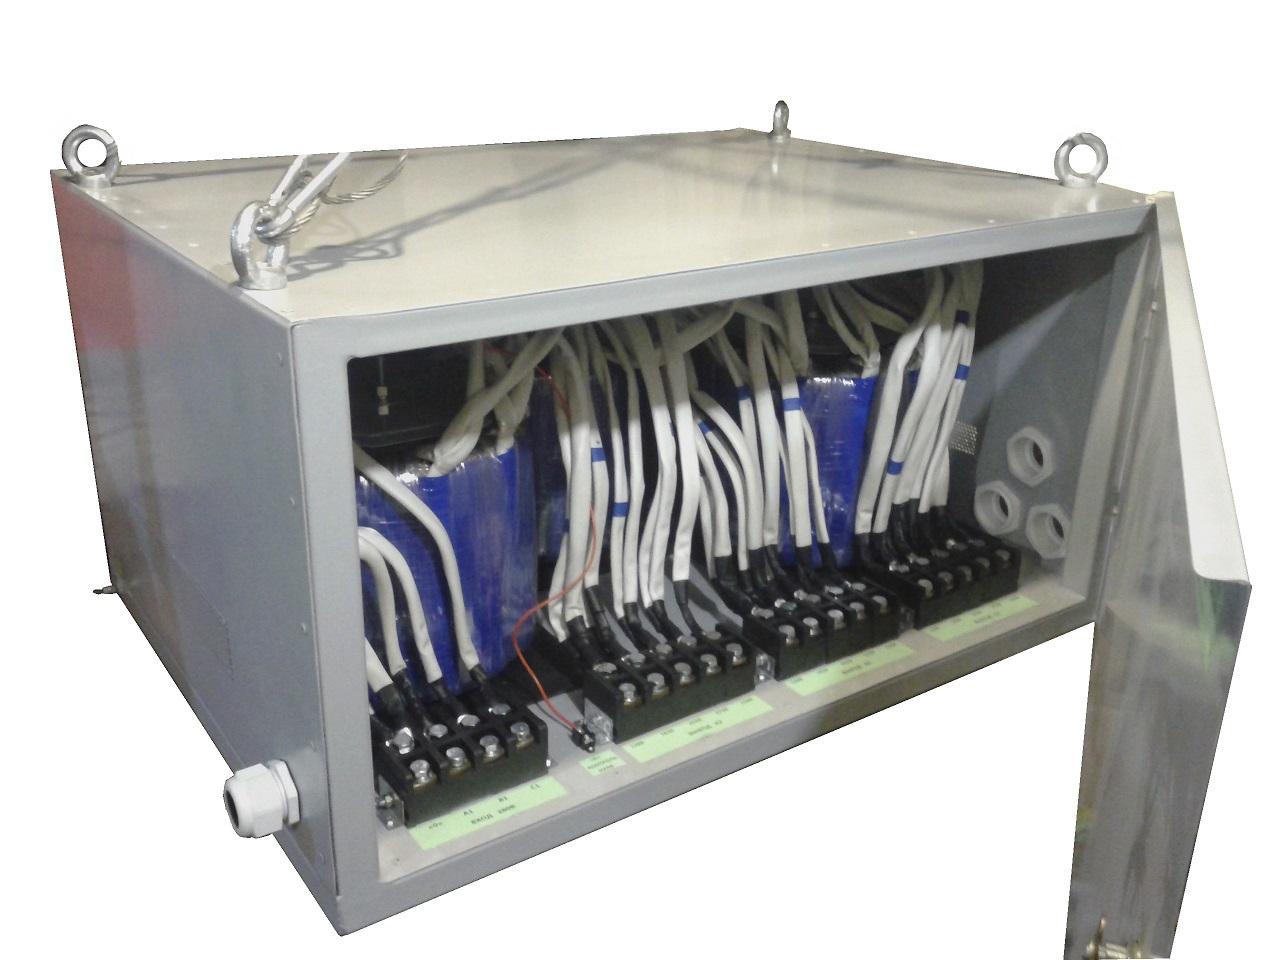 трансформатор для солнечных систем (гелиосистем)